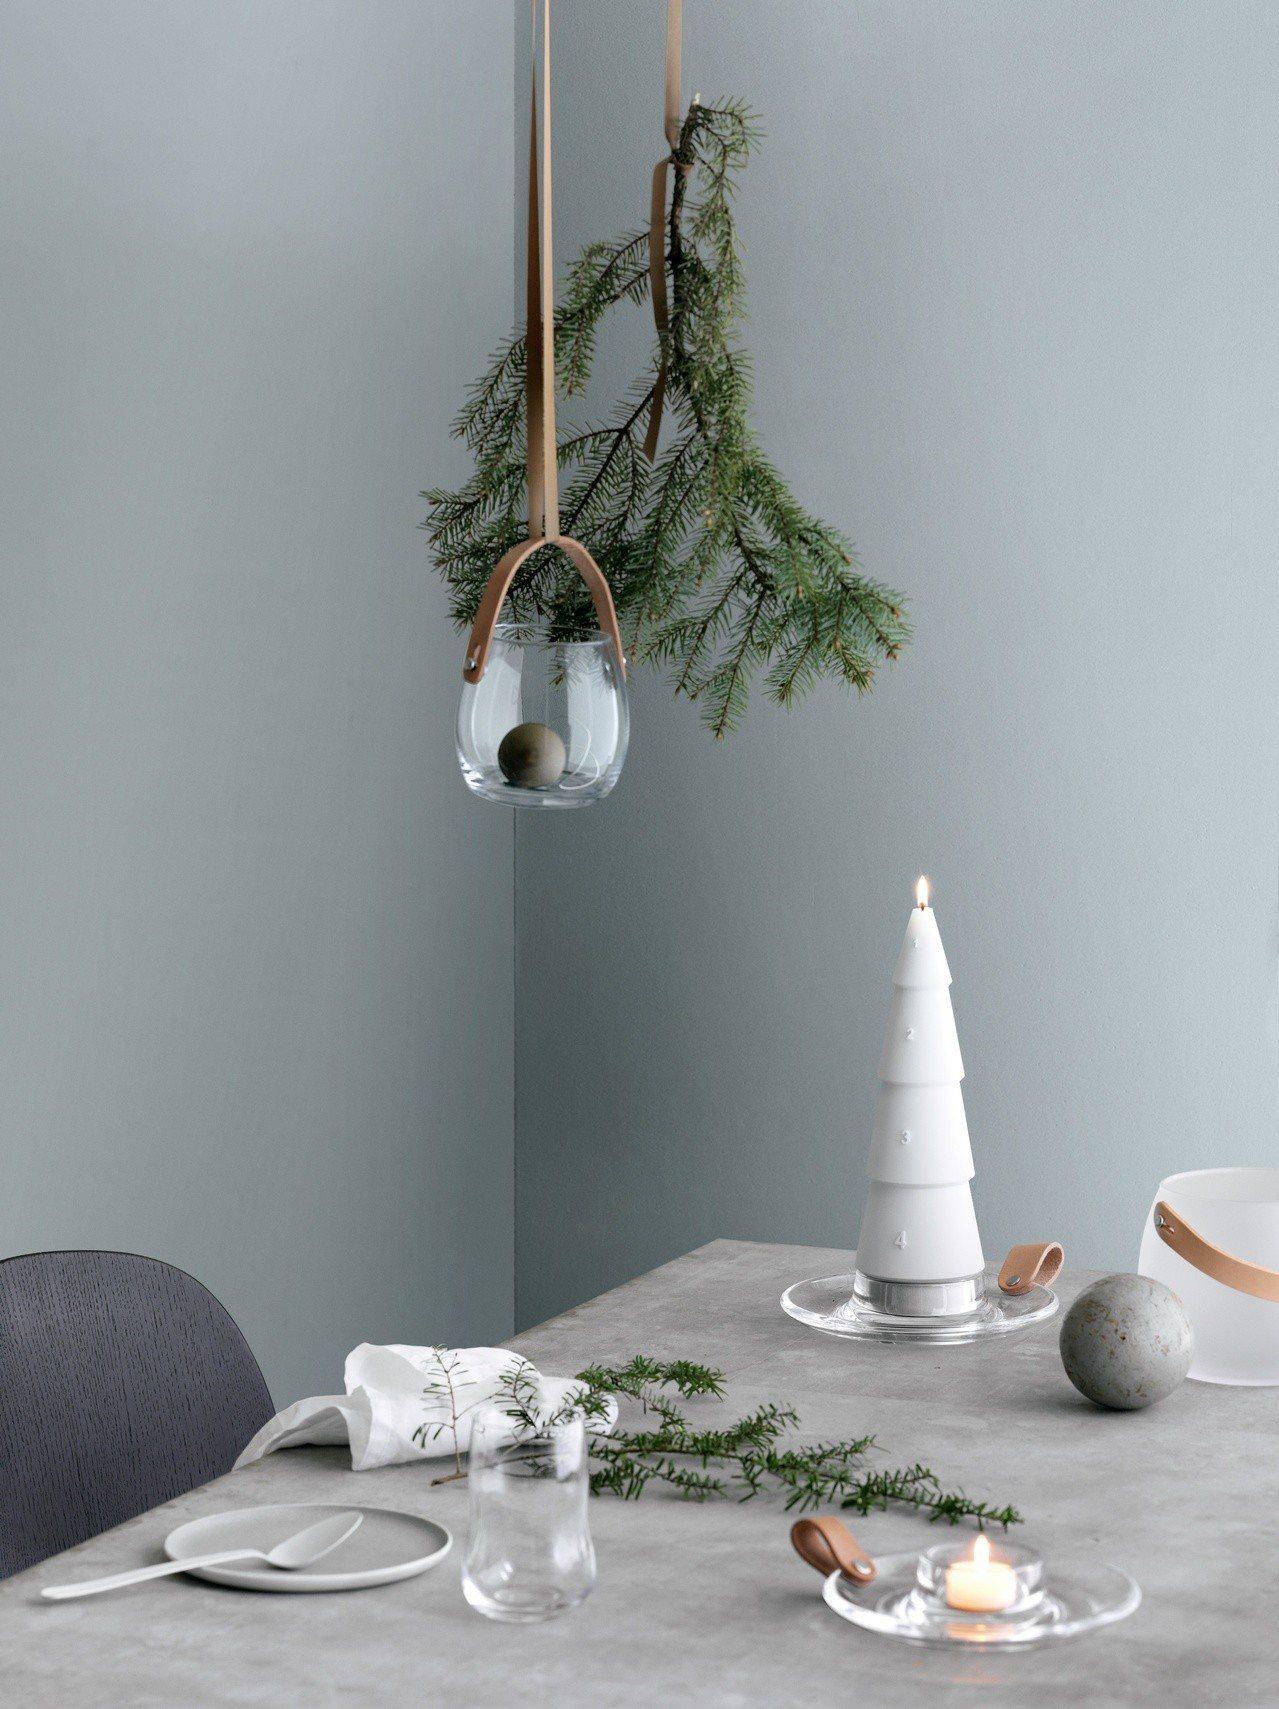 北歐櫥窗建議大家師法北歐各國過節習俗來選購最暖心的耶誕好禮。圖/北歐櫥窗提供